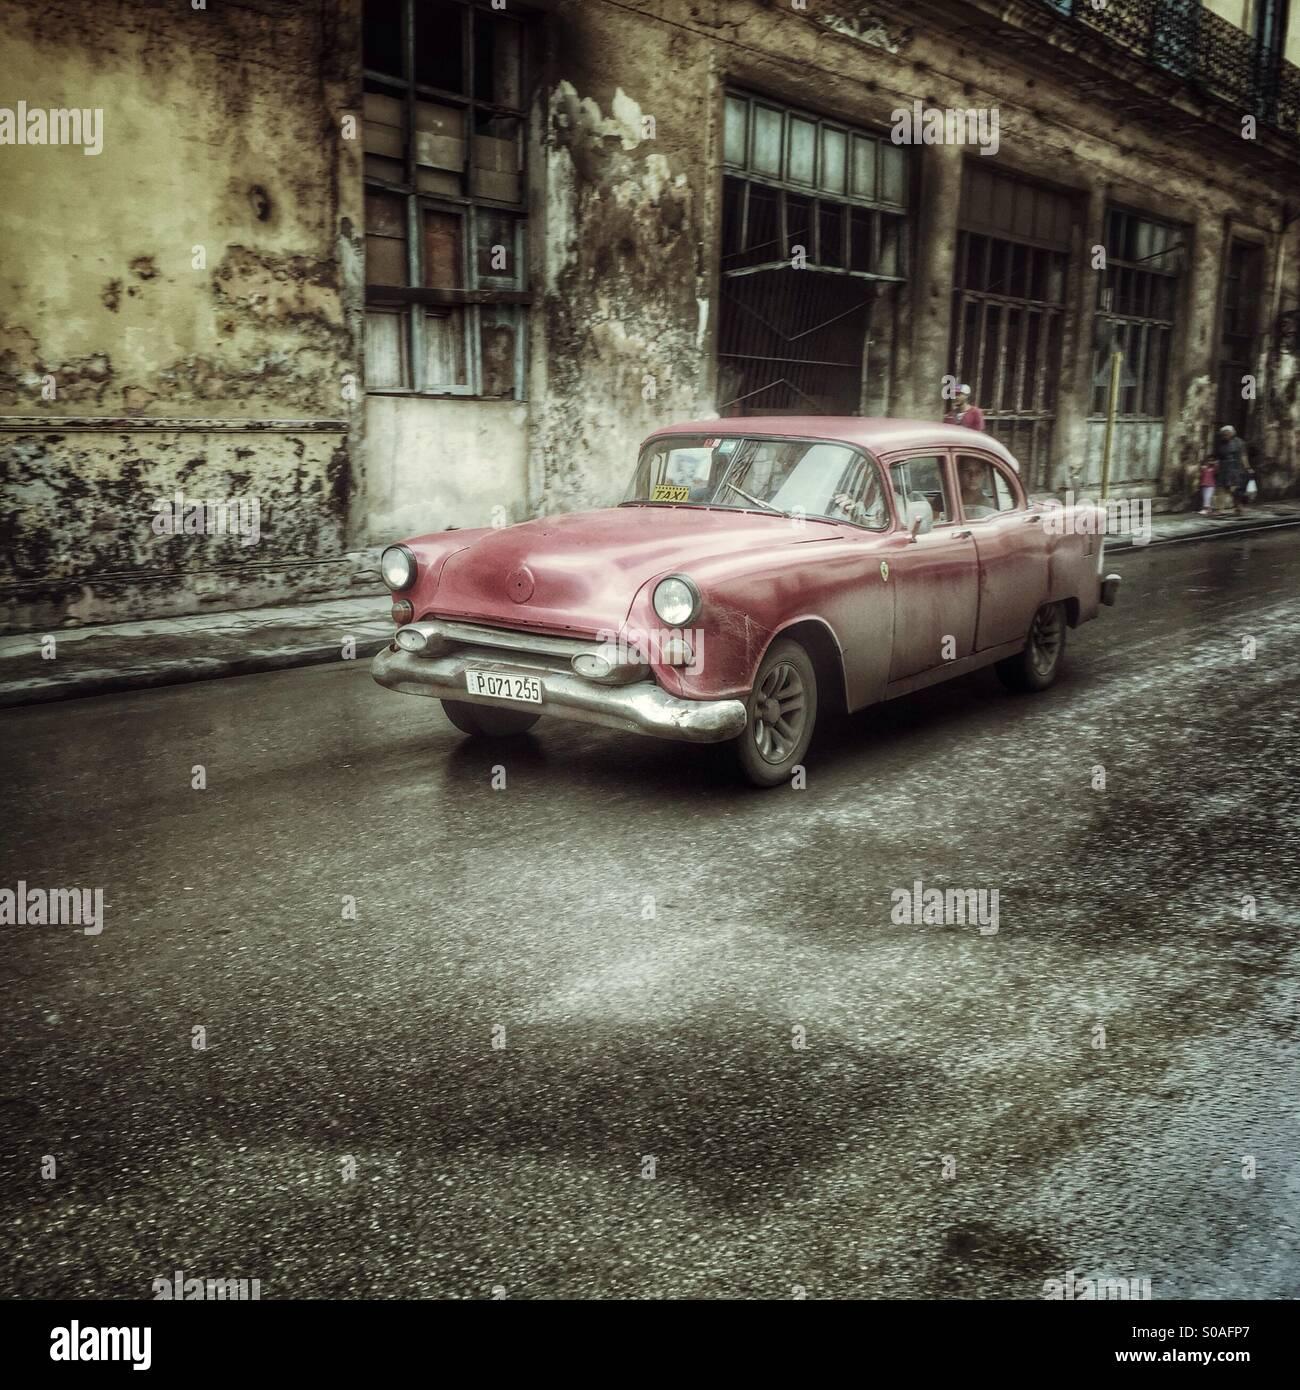 Red classic Kubanischen Automobil in Habana Vieja. Havanna, Kuba Stockbild